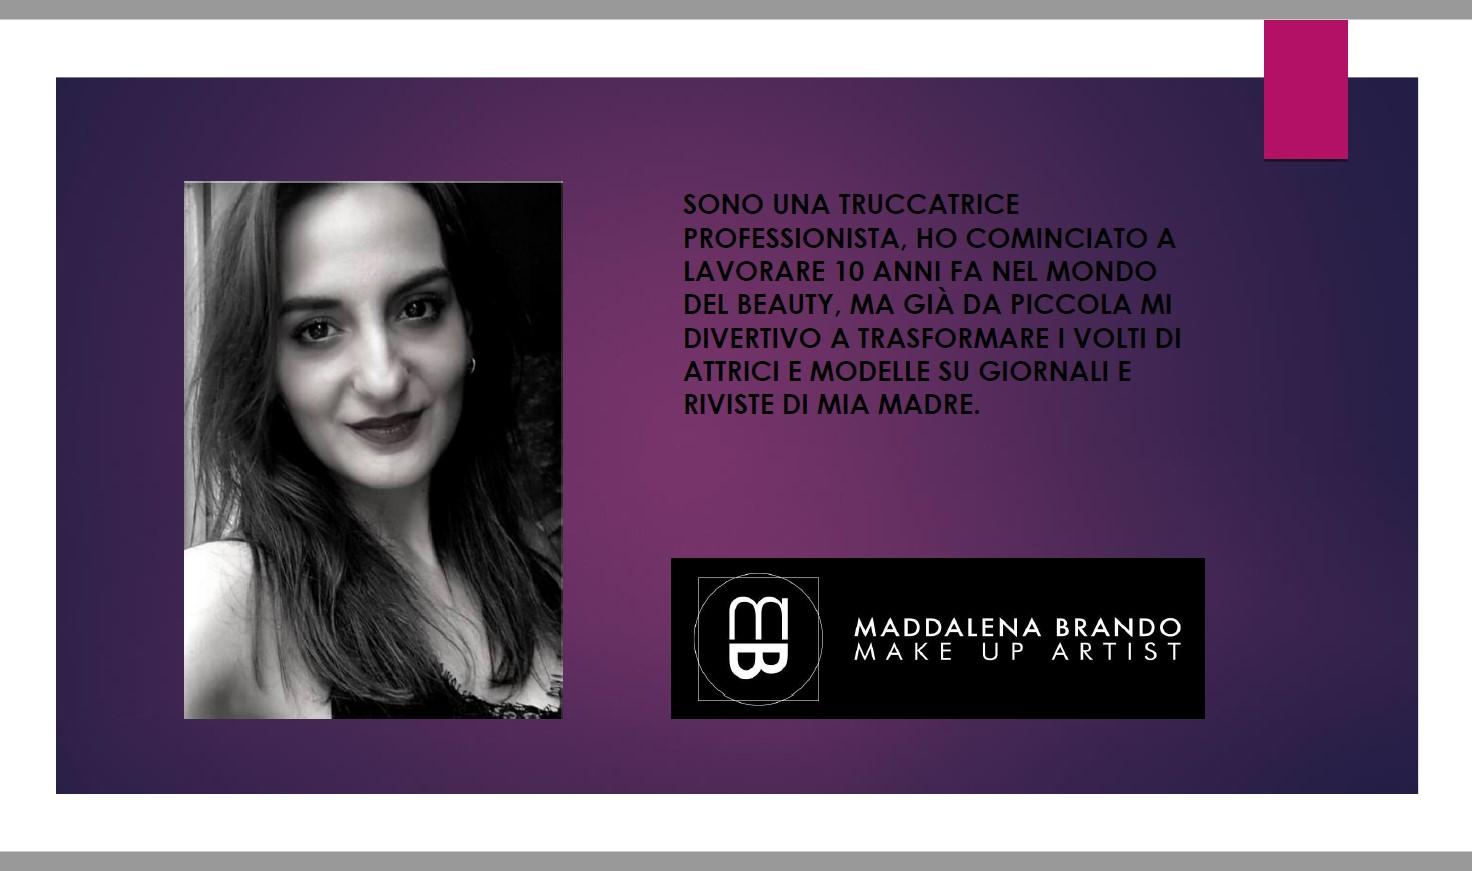 Maddalena Brando Make up artist